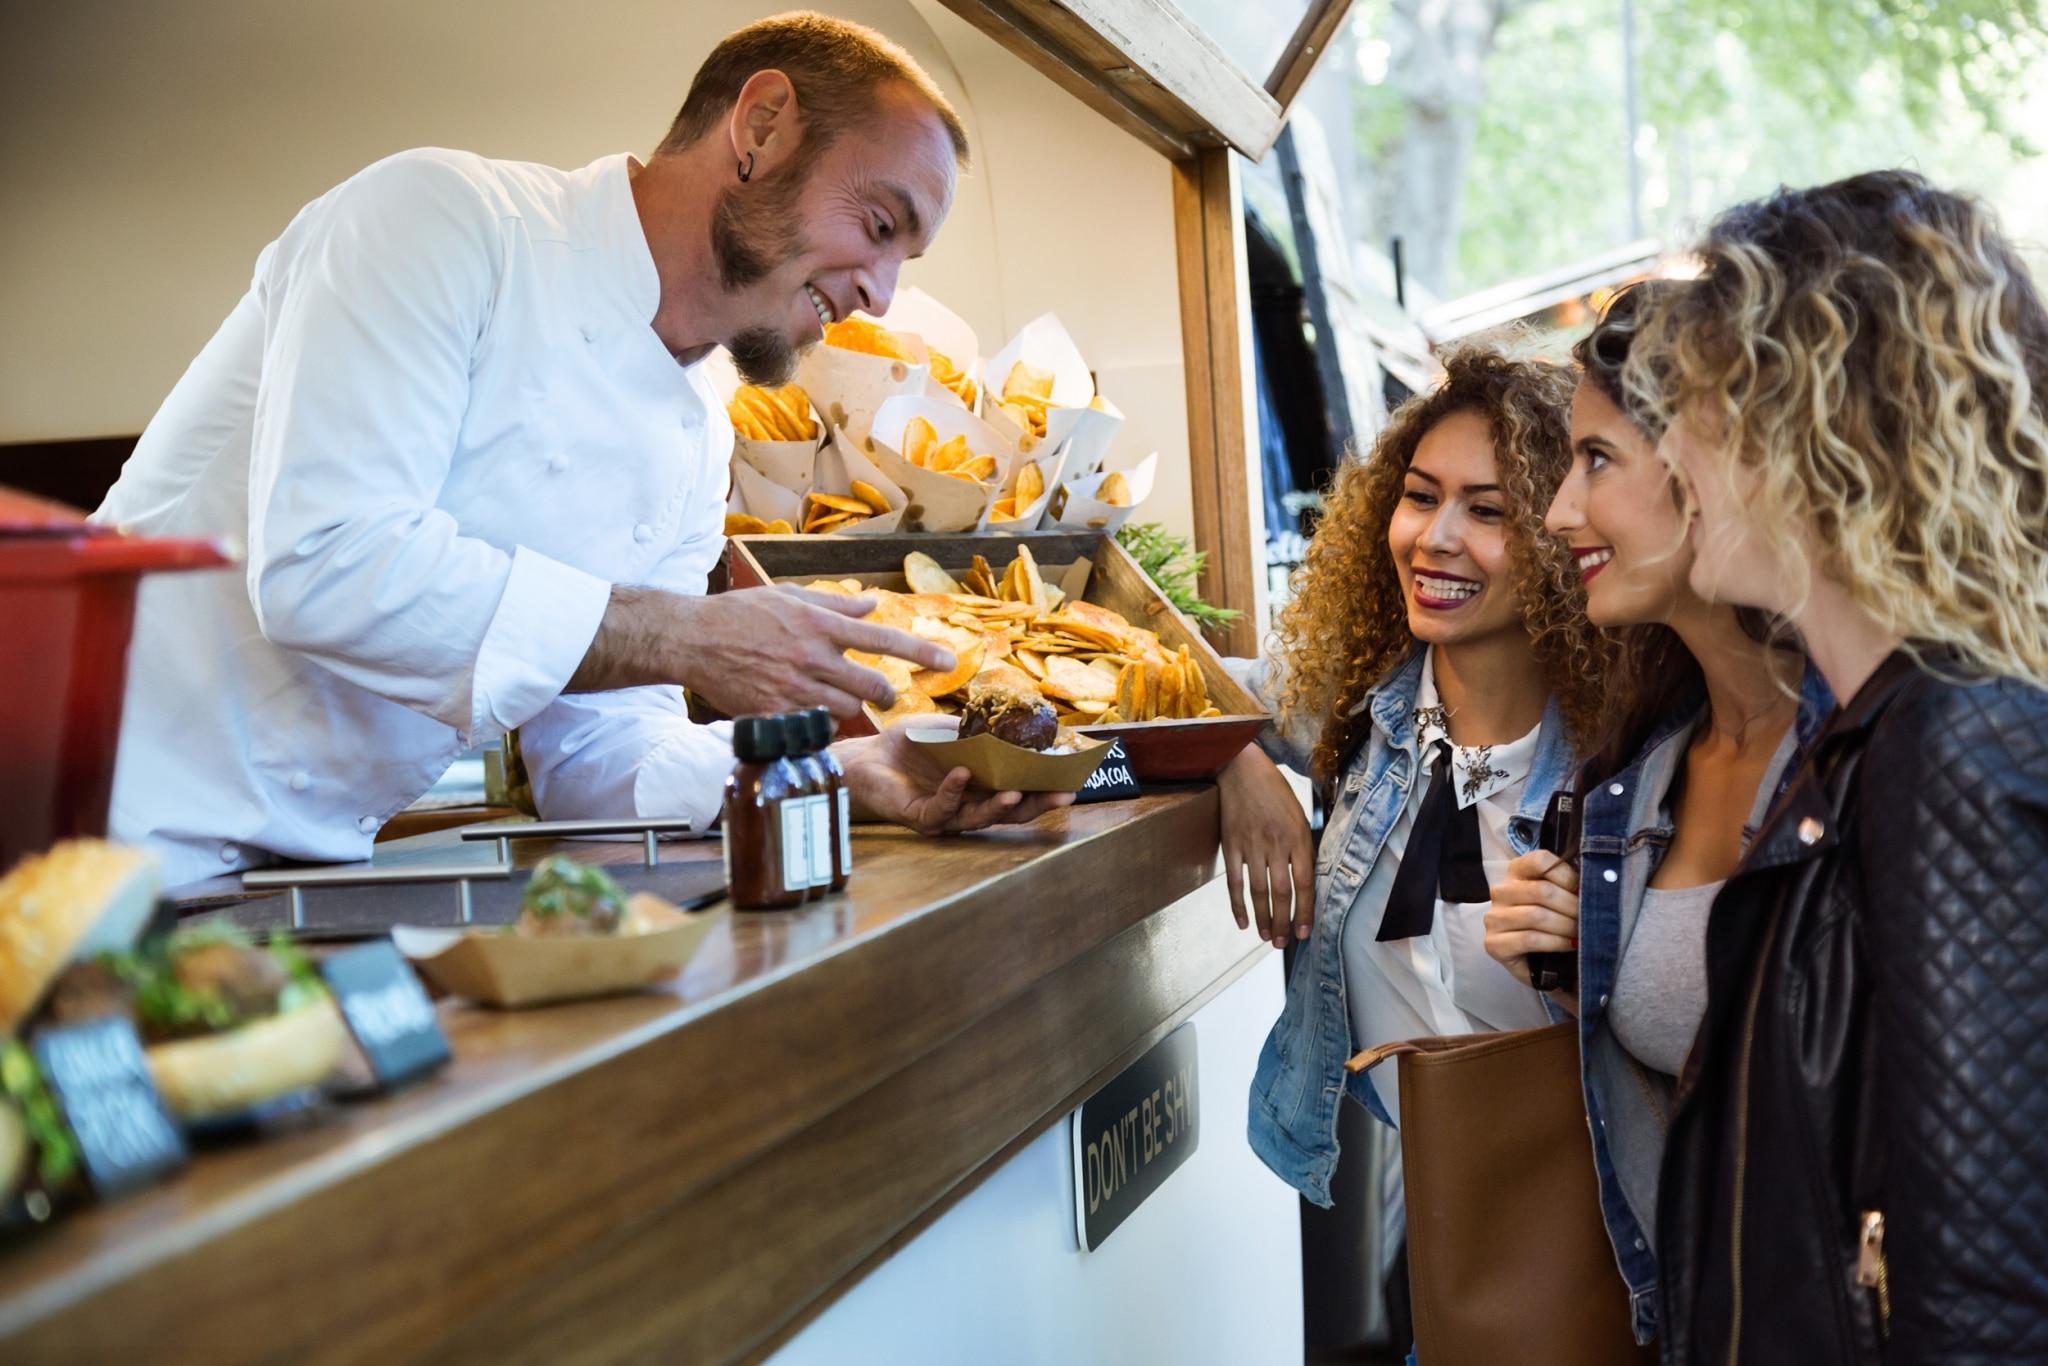 Sie sehen ein Foto vom Street Food Festival